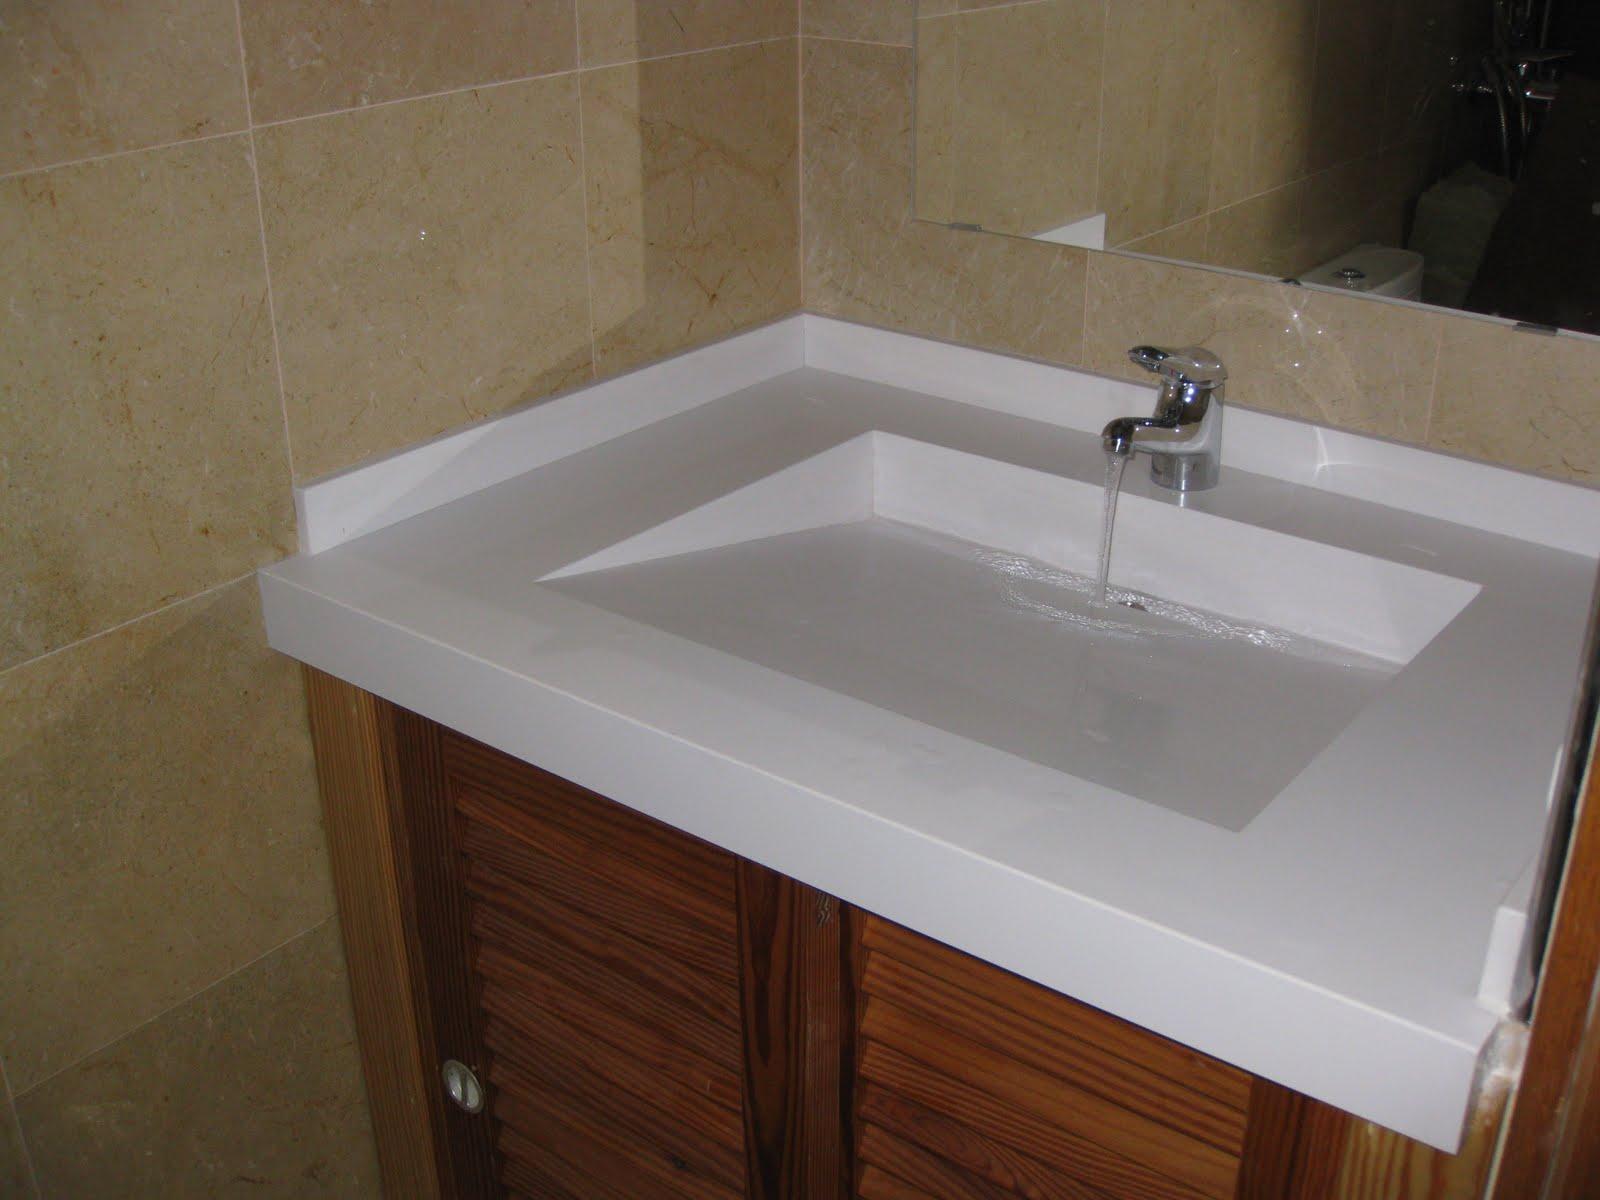 Piedralia global s l encimera de lavabo en cuarzo blanco for Encimeras de cuarzo